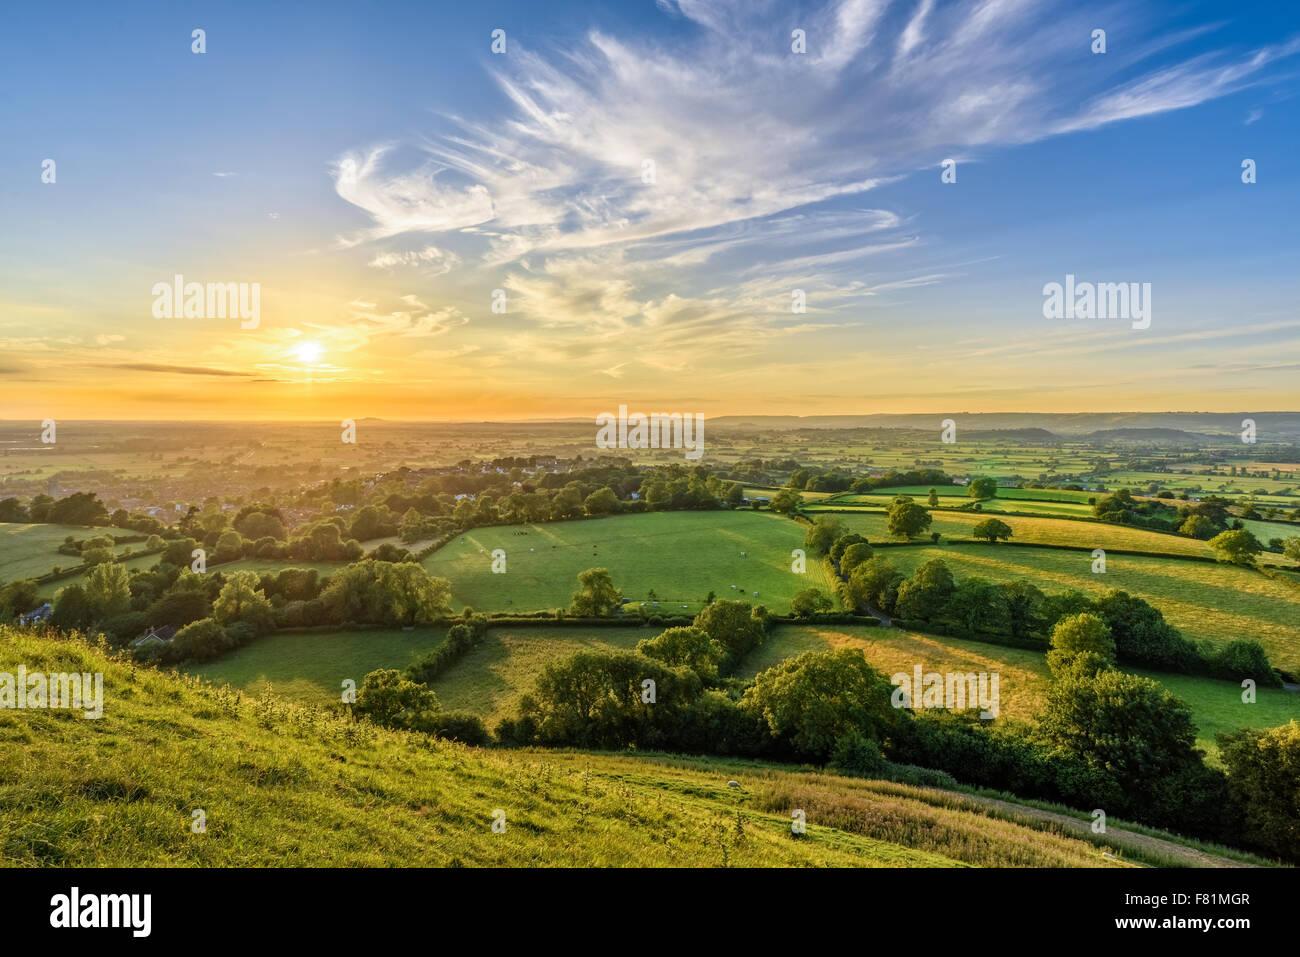 Somerset Levels, England - Stock Image